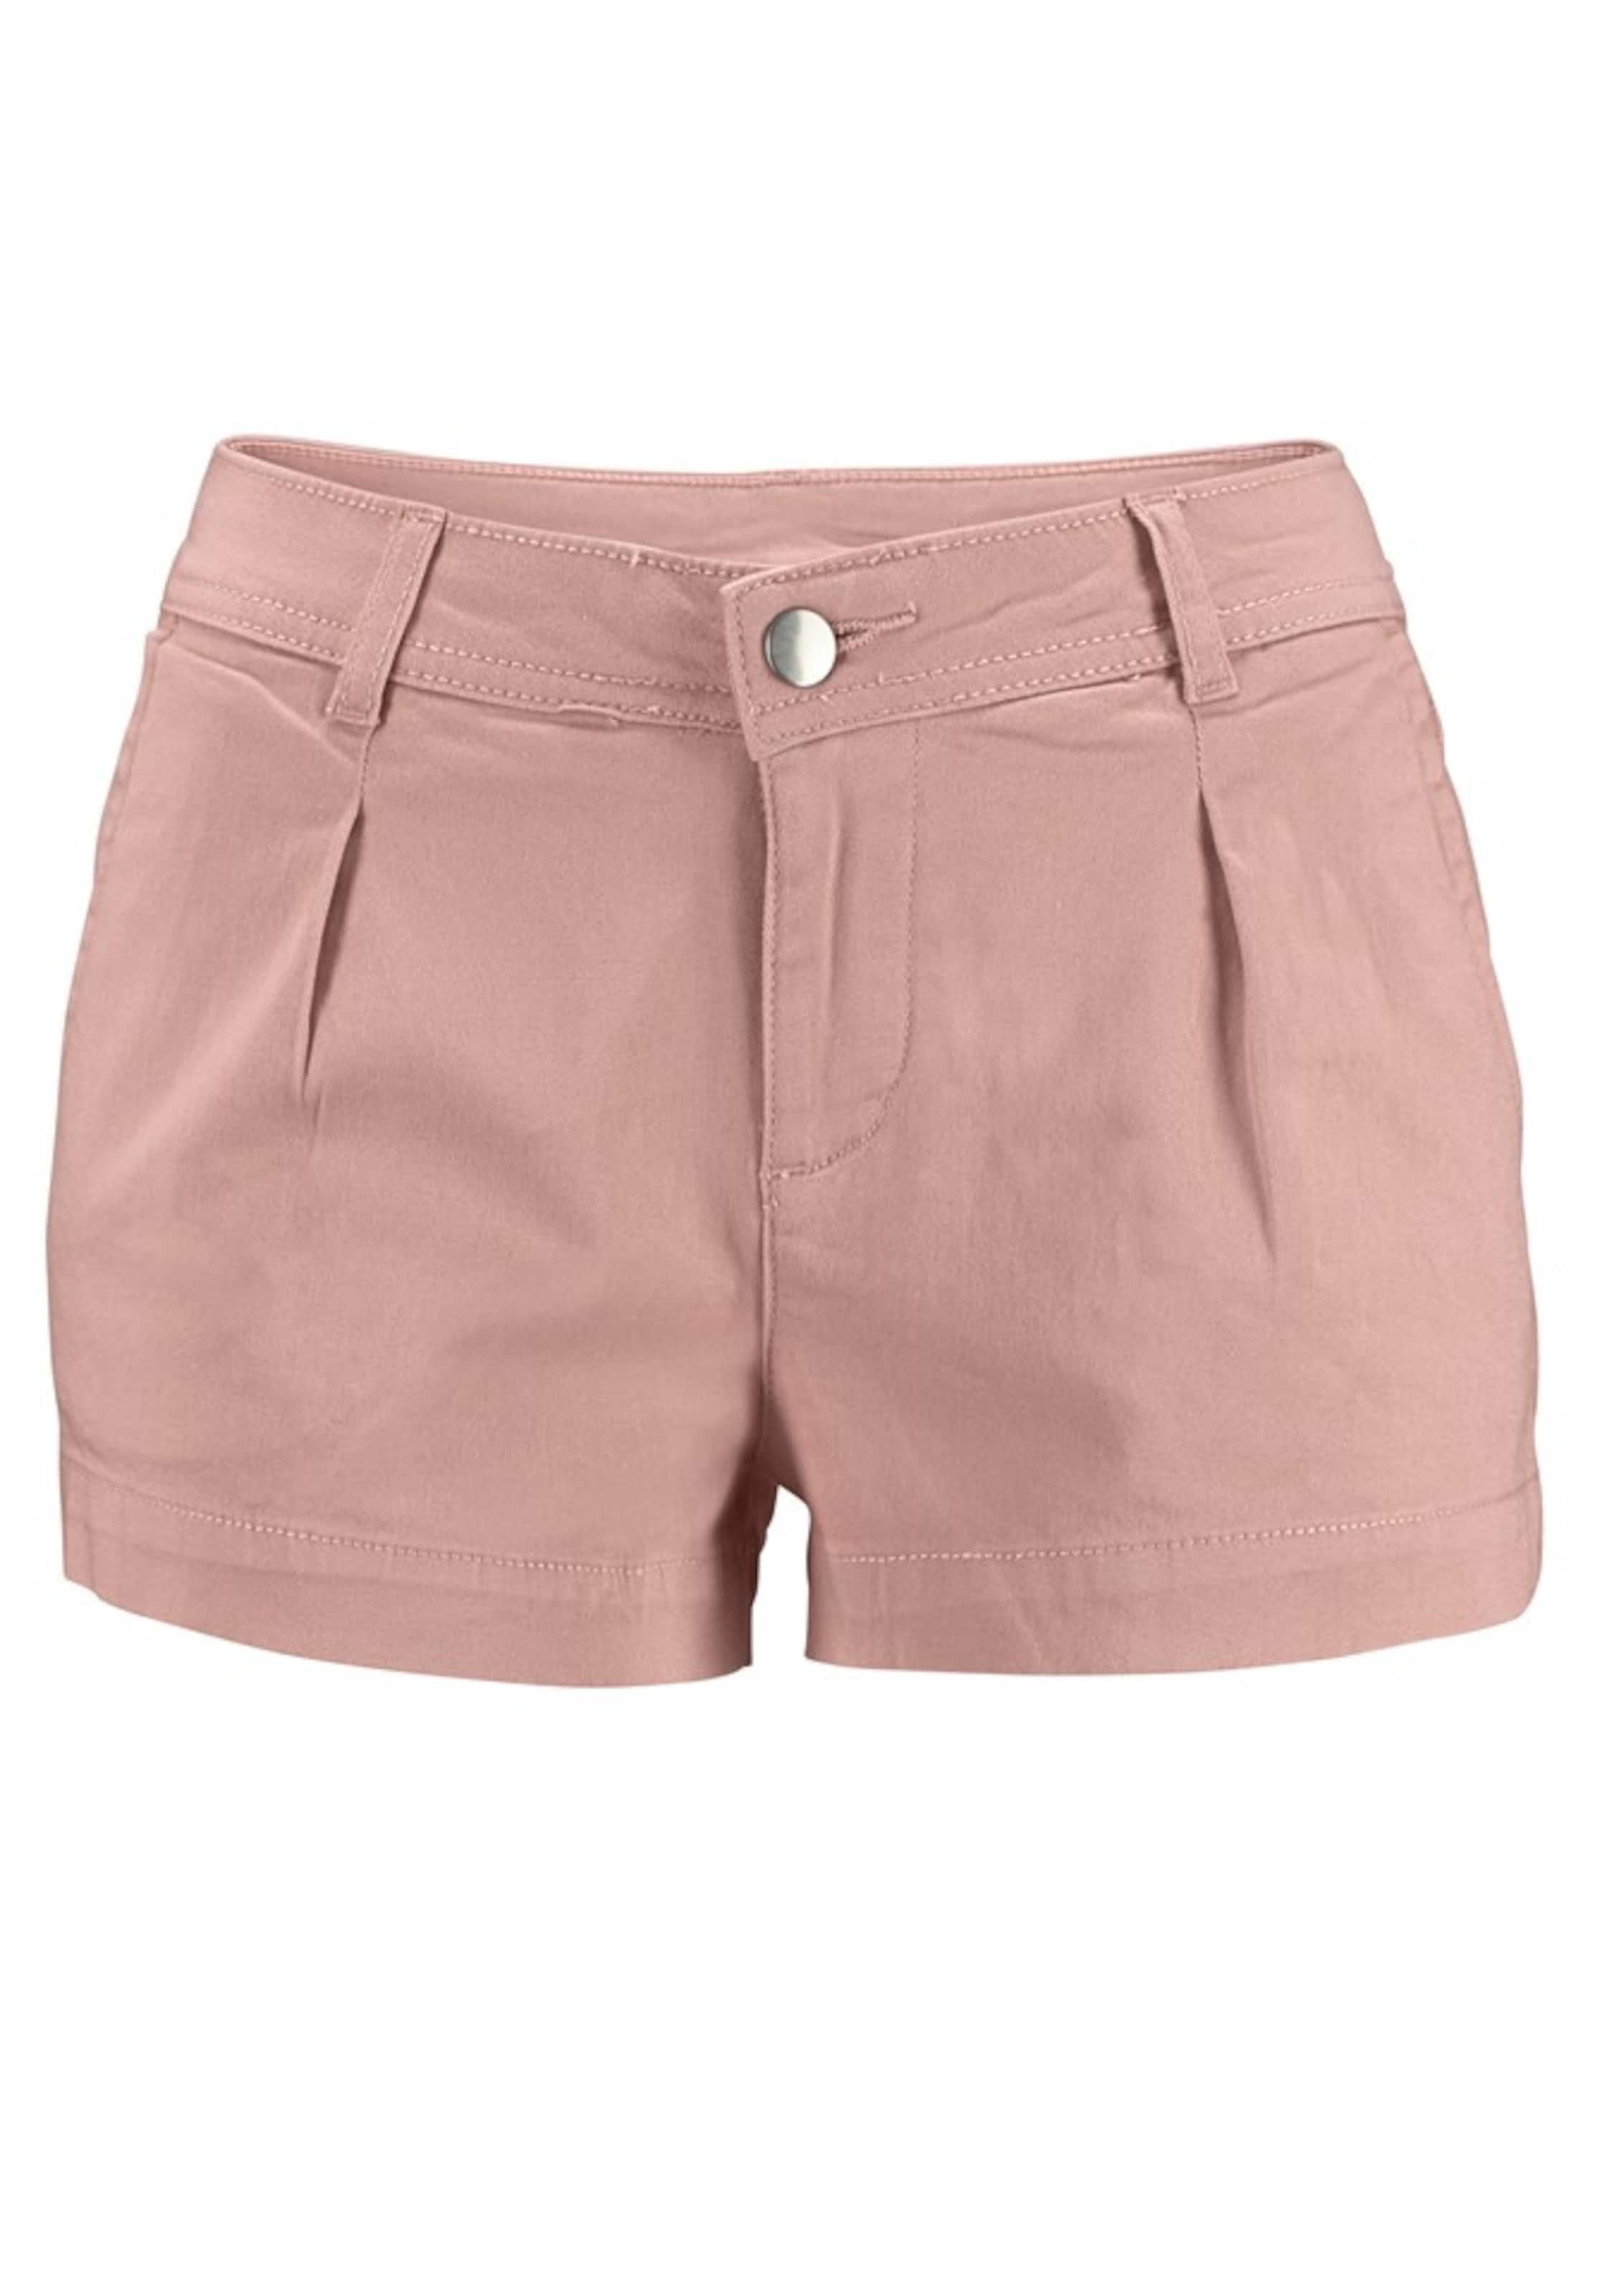 Ancienne Rose Lascana En Lascana En Rose Pantalon Pantalon K1lFcJ3T